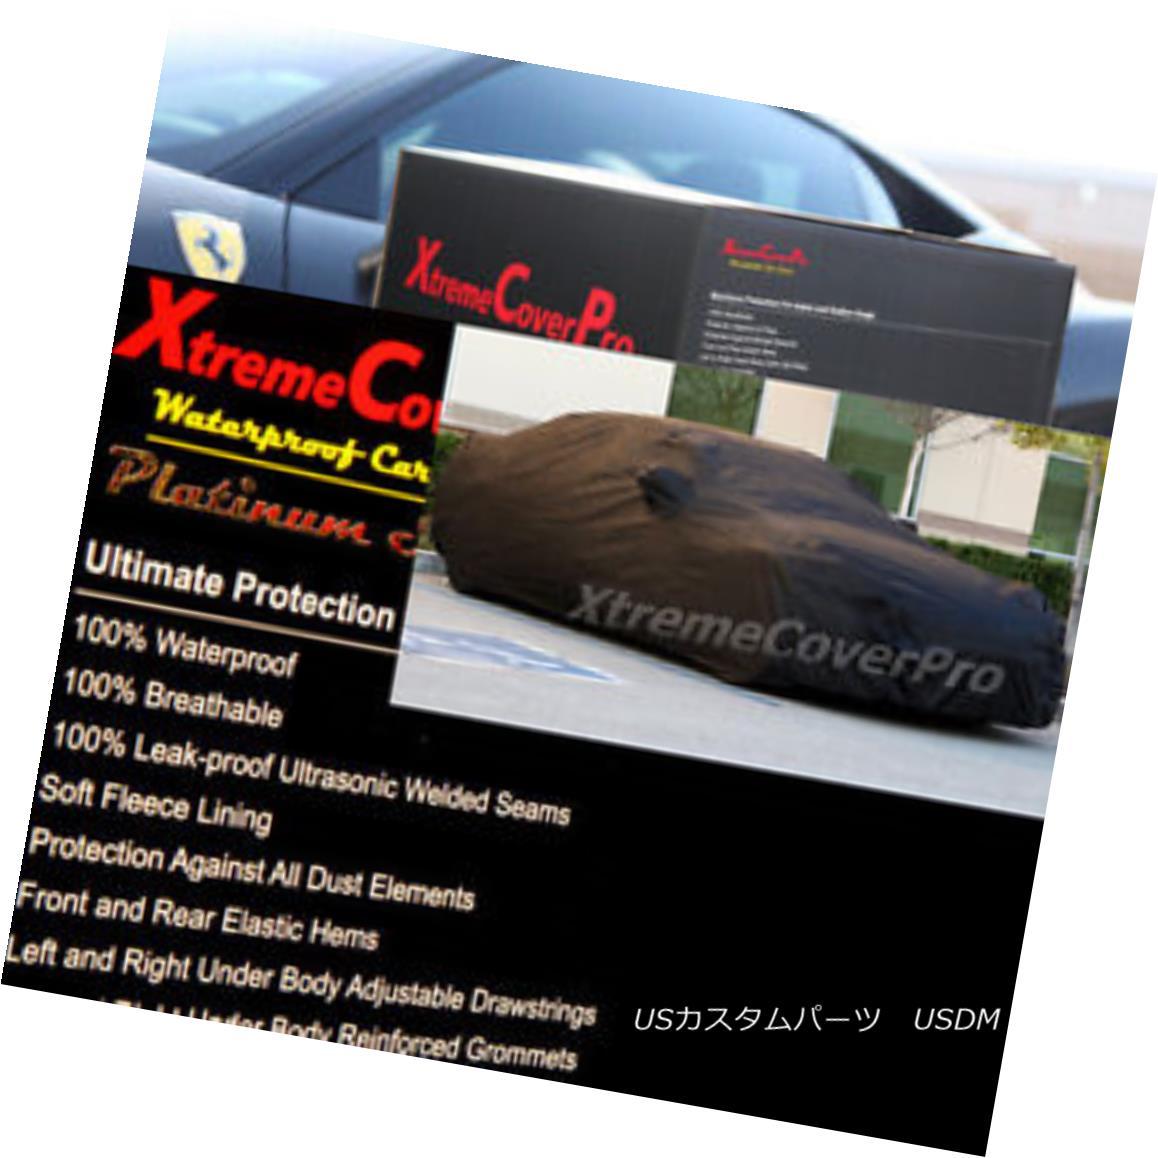 カーカバー 2013 Honda Insight Waterproof Car Cover w/MirrorPocket 2013年ホンダインサイト防水カーカバー(ミラーポケット付)